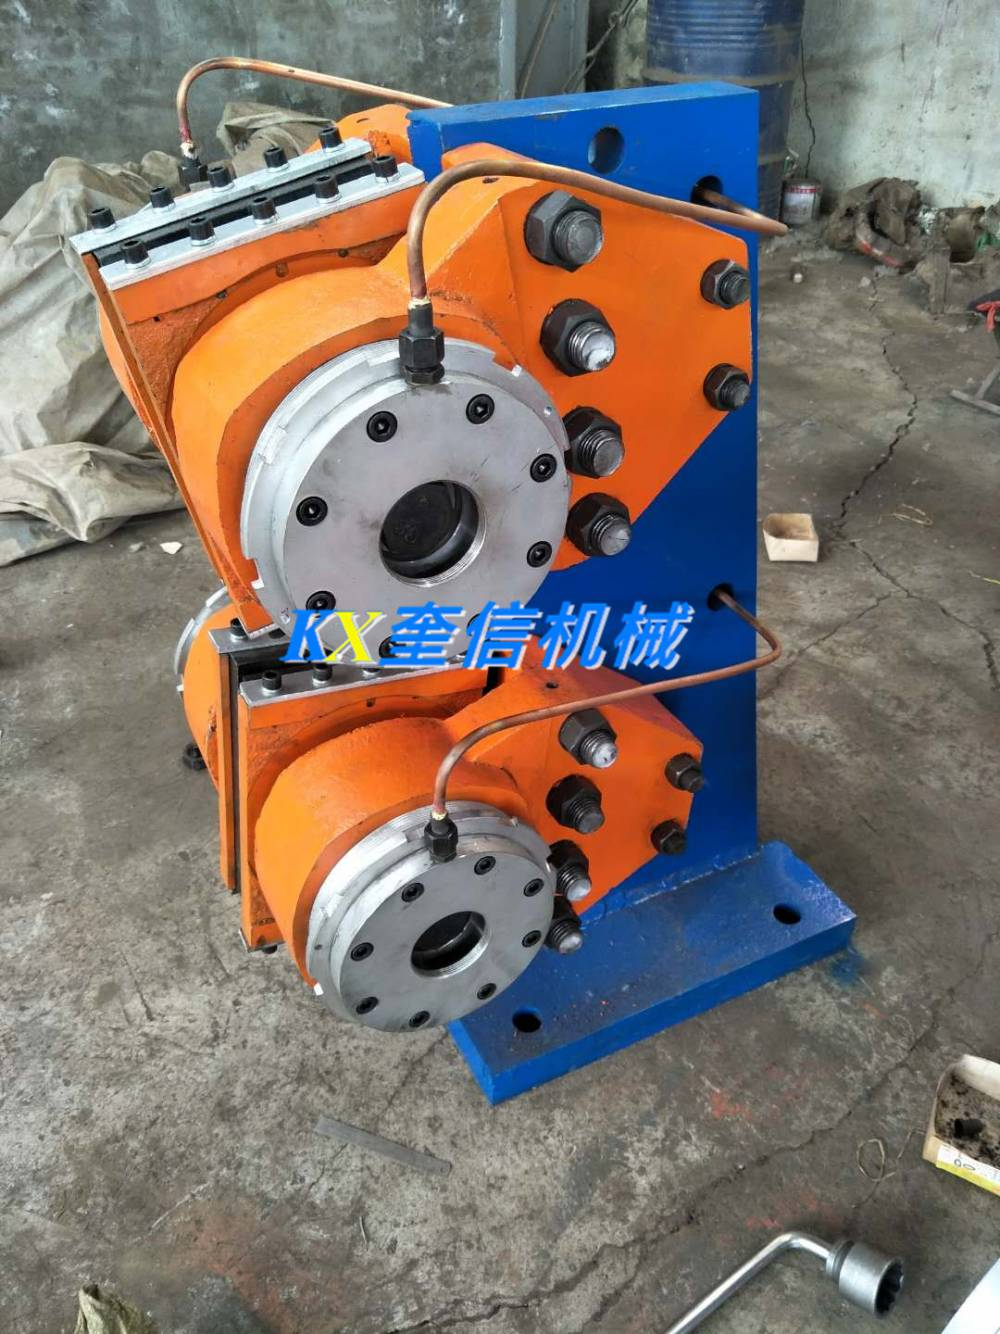 TS220小四吨制动器钢背刹车片刹车带闸皮